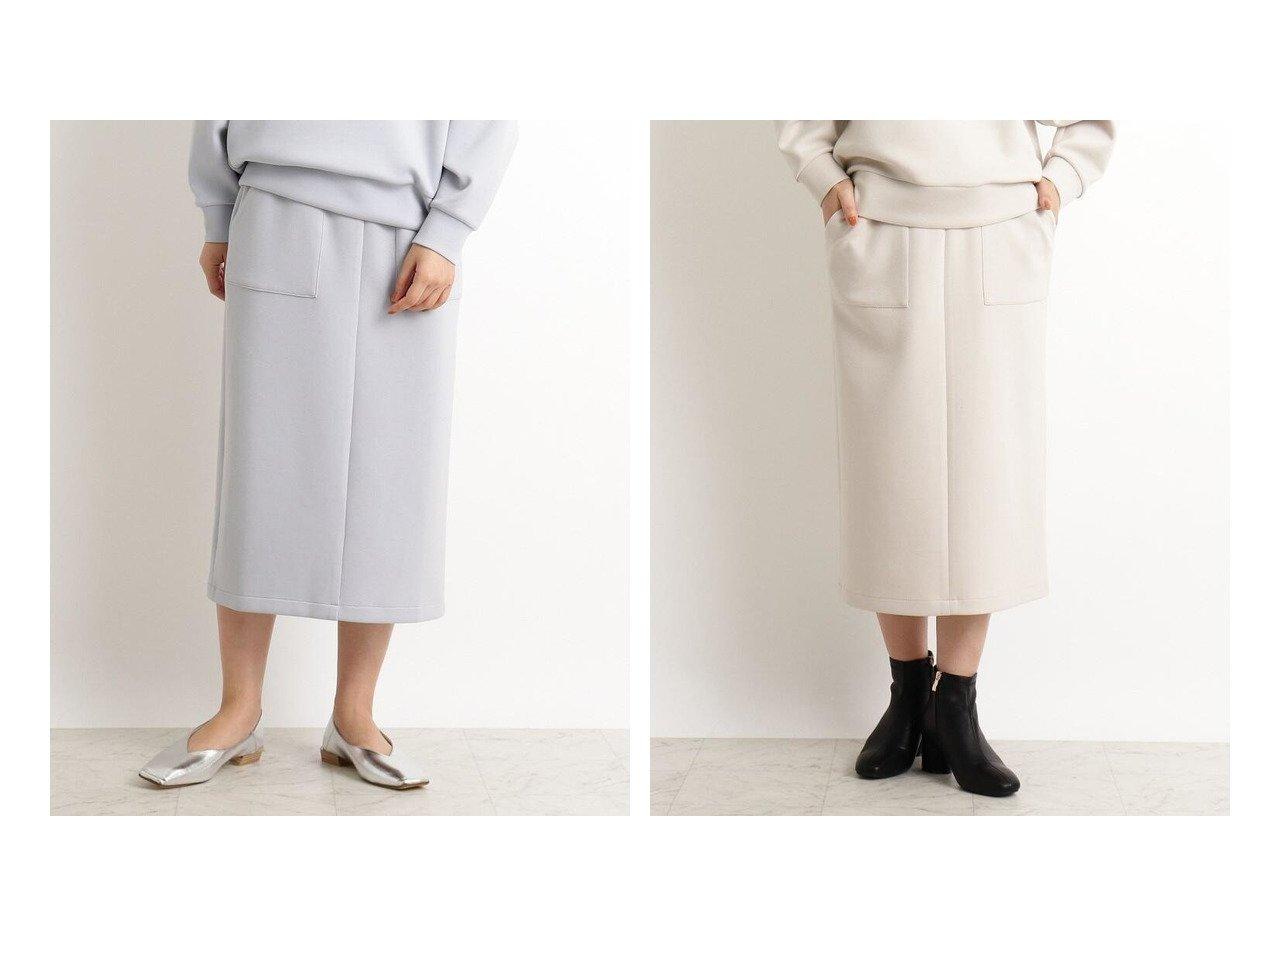 【grove/グローブ】の【S-LL】マシュマロタッチスウェットバックスリットスカート スカートのおすすめ!人気、トレンド・レディースファッションの通販 おすすめで人気の流行・トレンド、ファッションの通販商品 メンズファッション・キッズファッション・インテリア・家具・レディースファッション・服の通販 founy(ファニー) https://founy.com/ ファッション Fashion レディースファッション WOMEN スカート Skirt Aライン/フレアスカート Flared A-Line Skirts バッグ Bag カットソー スリット タイトスカート トレンド パーカー ポケット 再入荷 Restock/Back in Stock/Re Arrival |ID:crp329100000022496